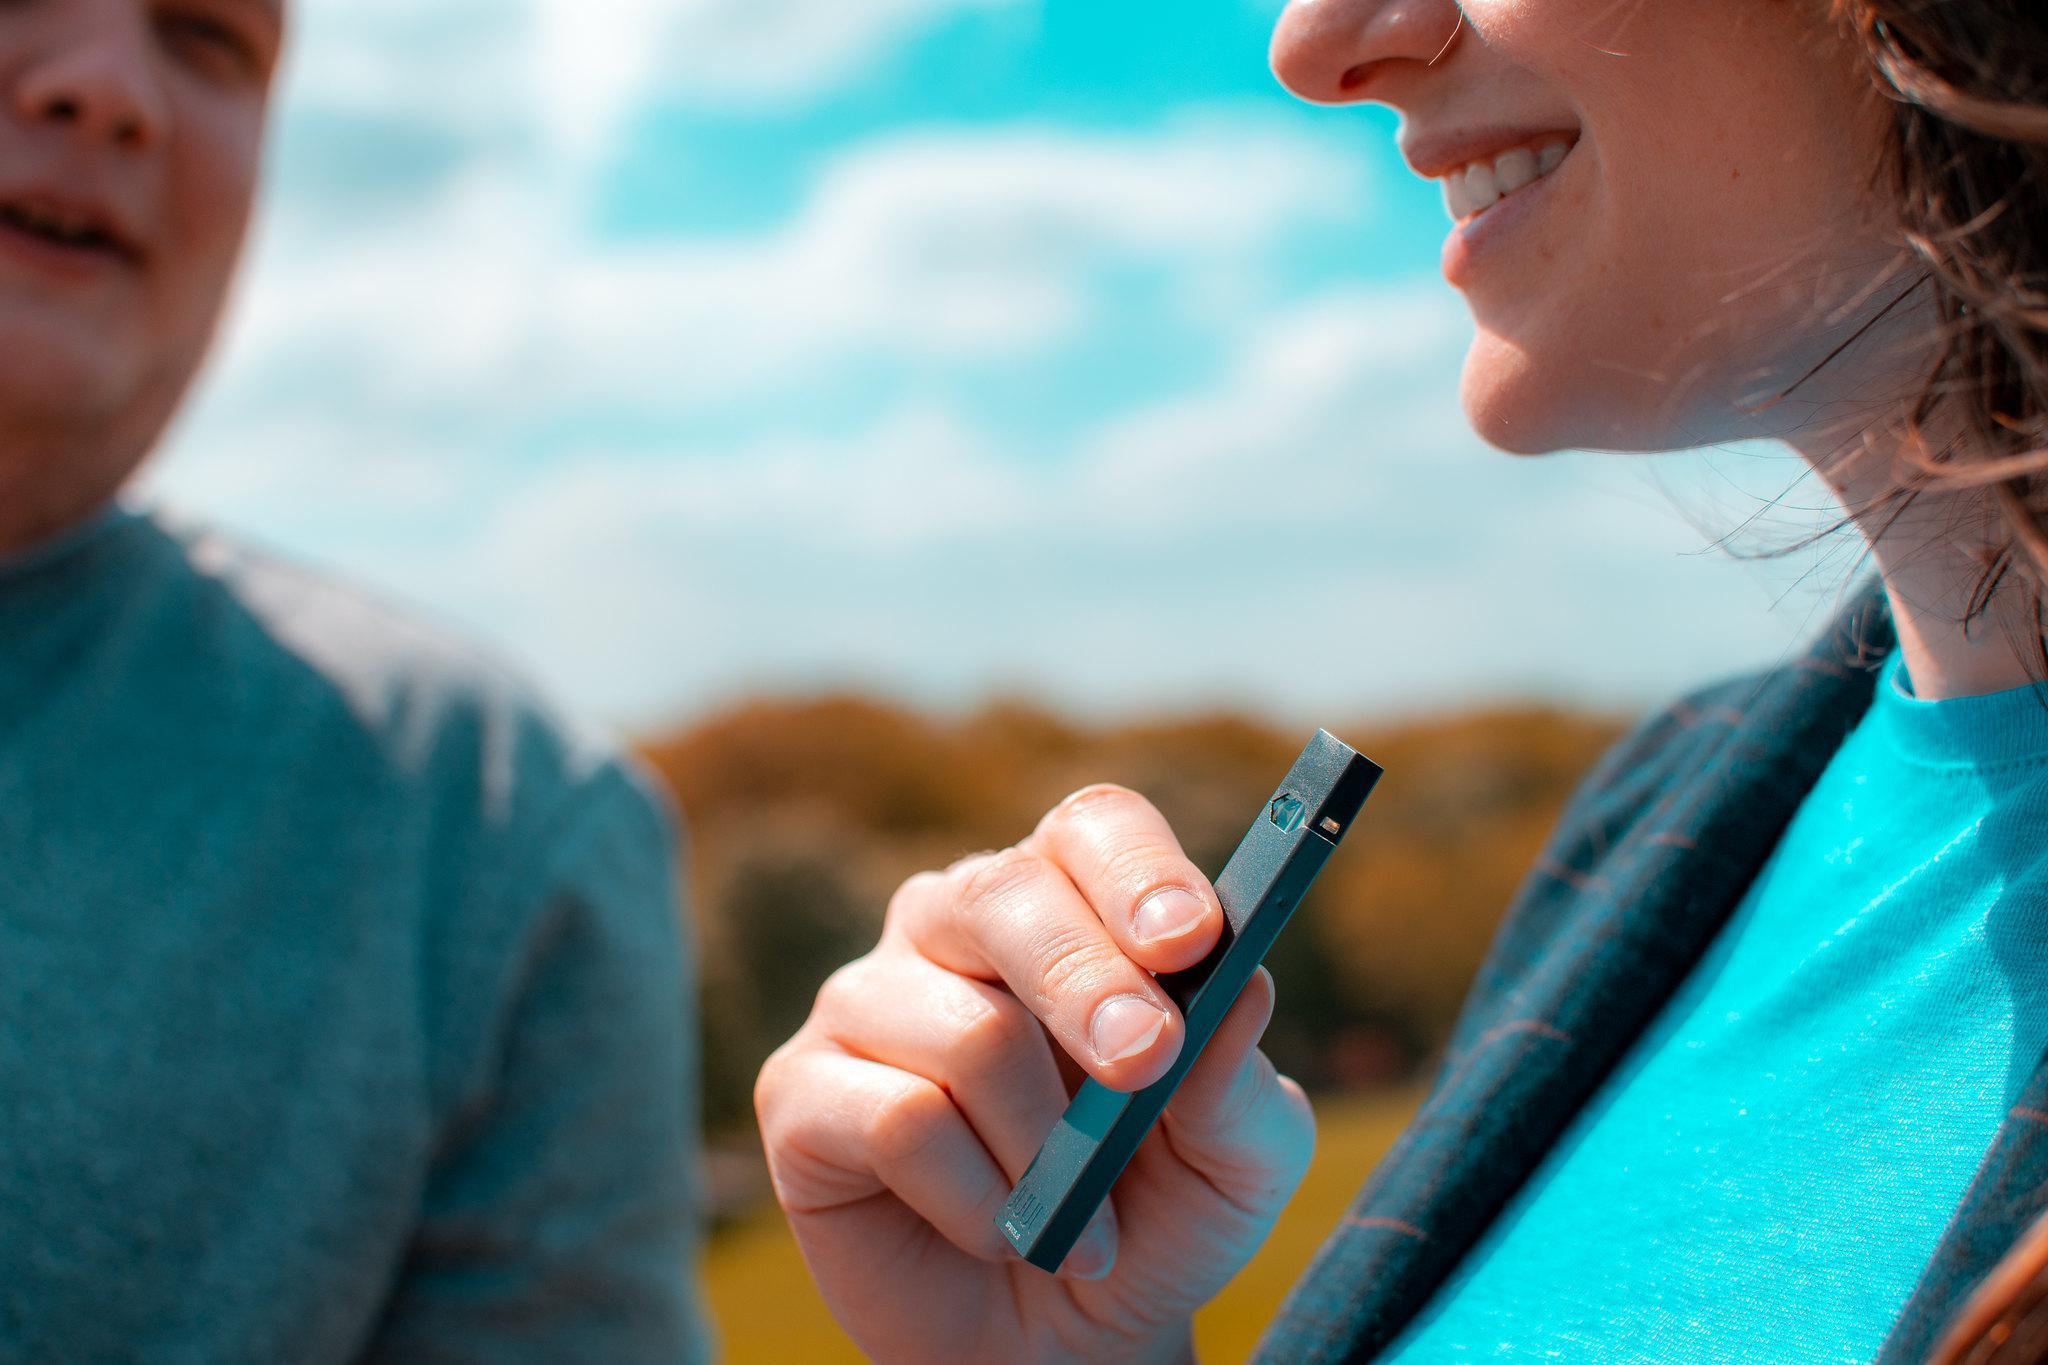 North Carolina Sues E-Cigarette Maker JUUL Over Marketing   WUNC